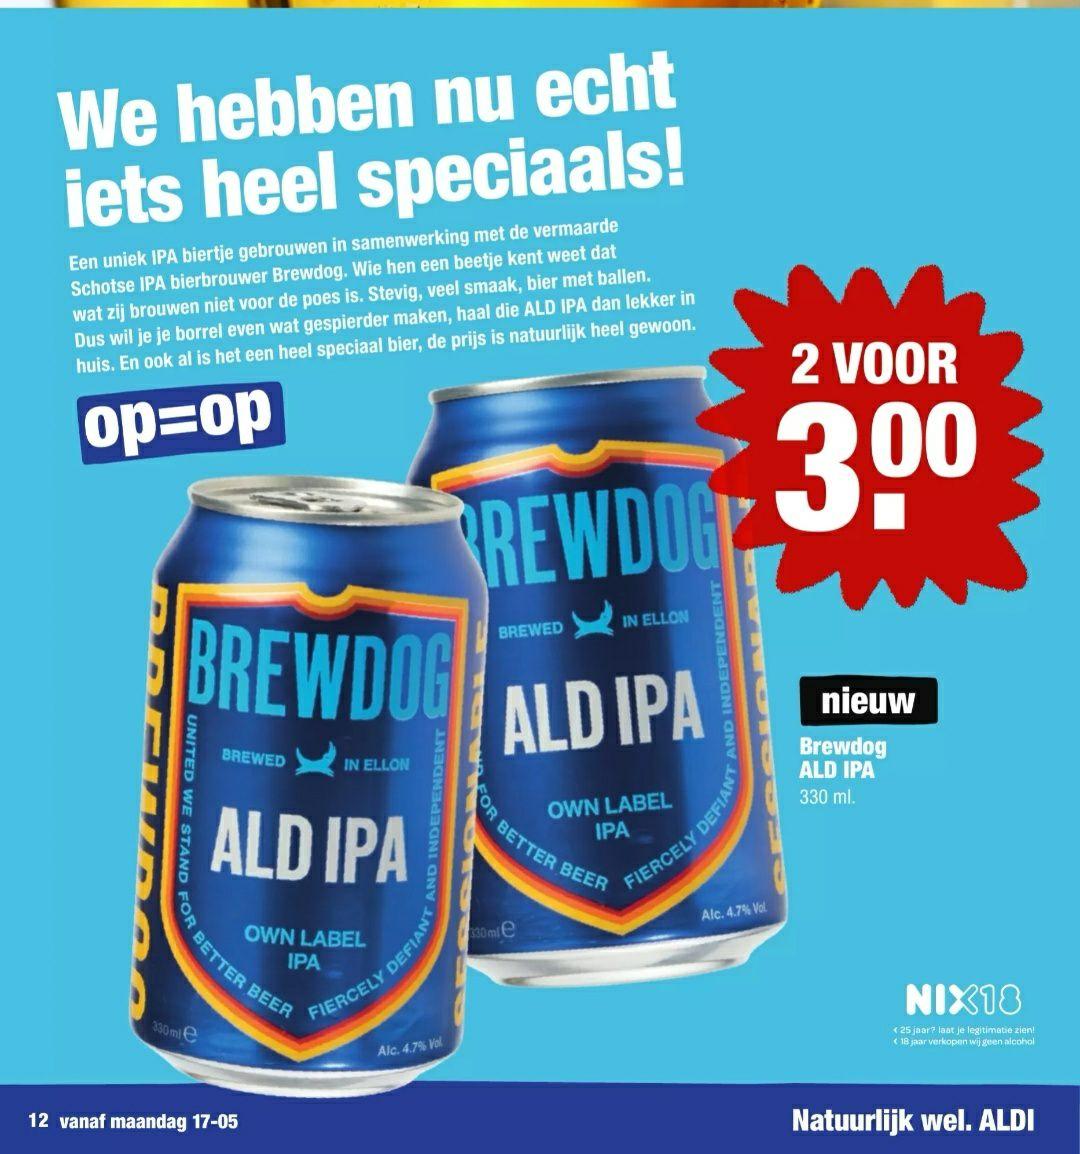 Brewdog Ald IPA 2 voor €3 bij Aldi